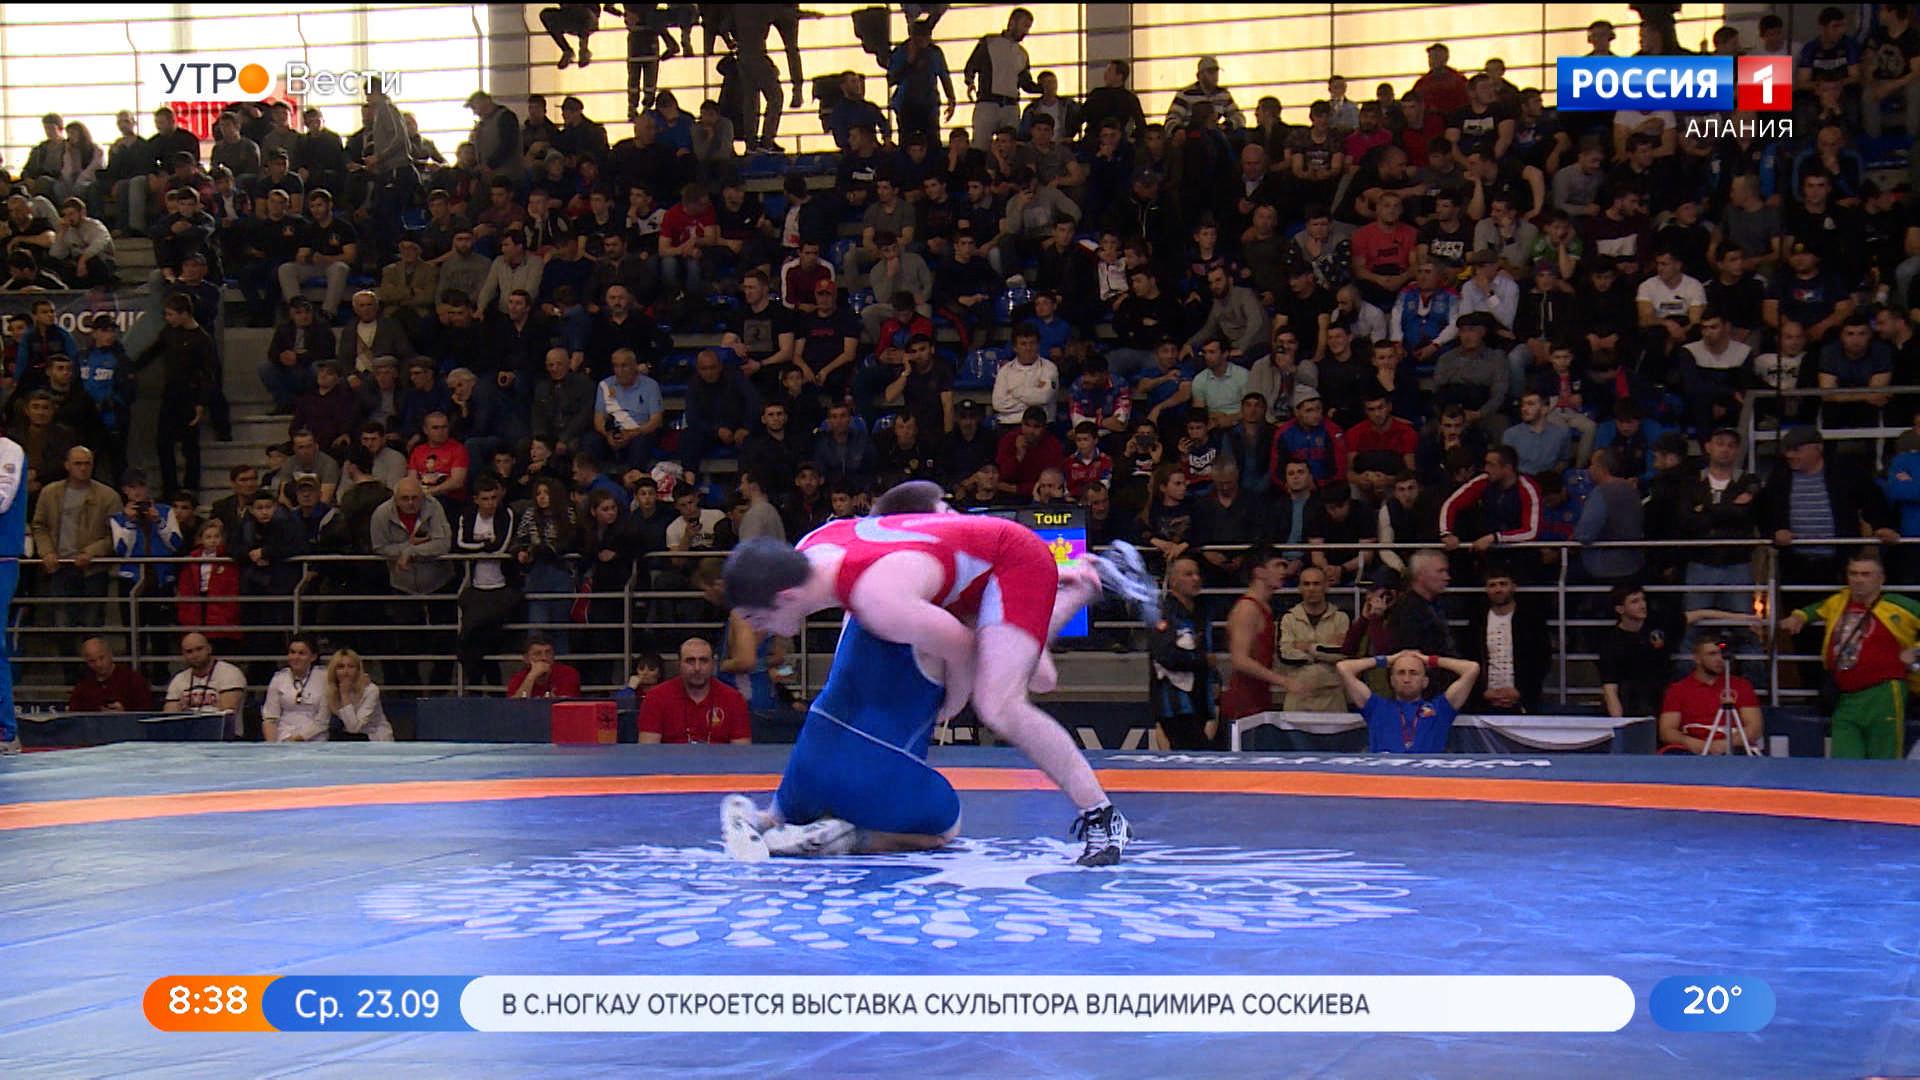 Чемпионат России по вольной борьбе перенесен из Владикавказа в Наро-Фоминск